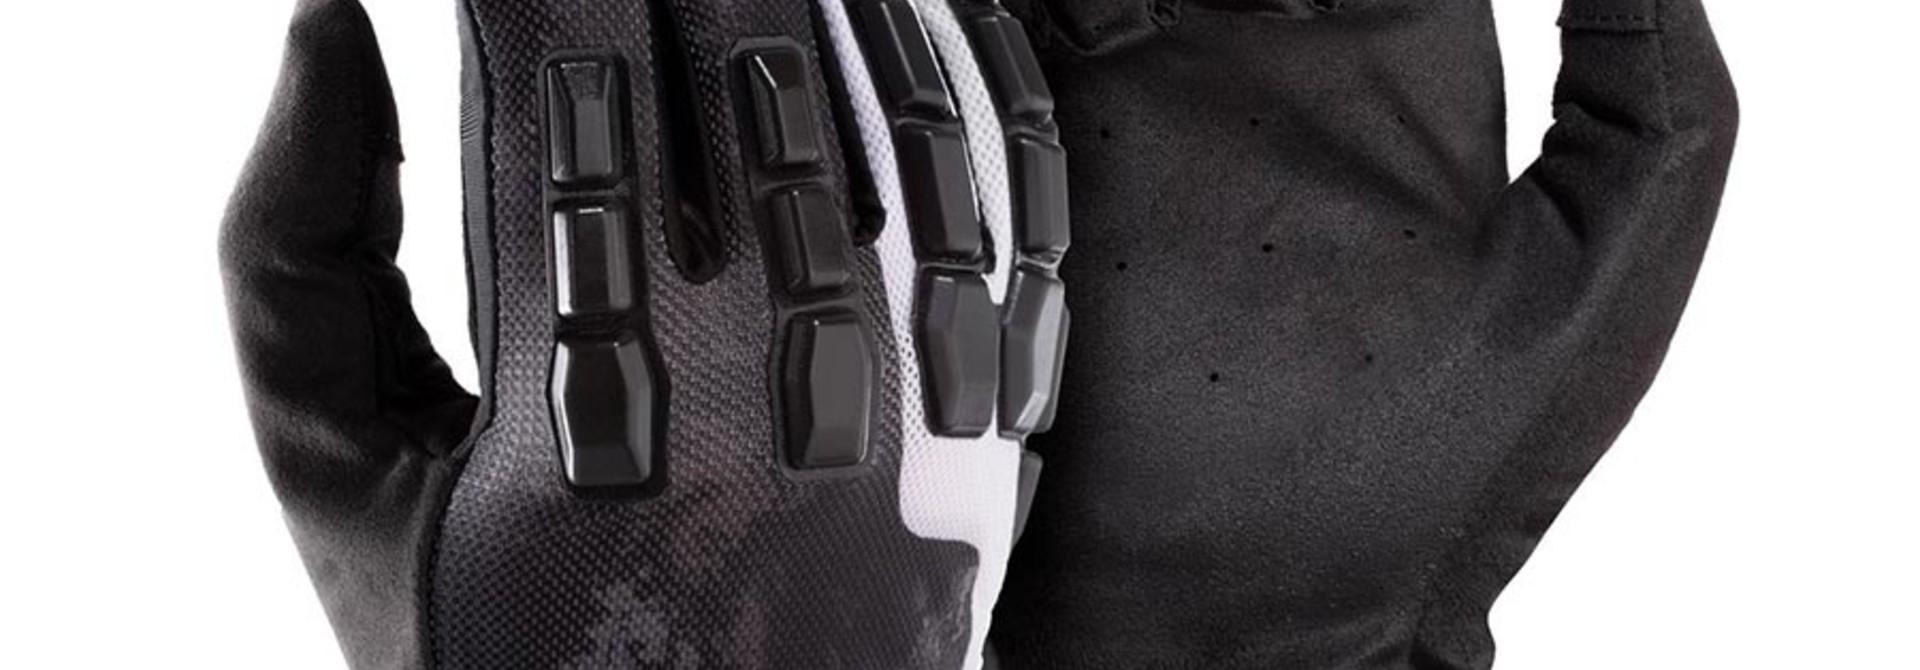 G-Form, Moab Trail, Full Finger Gloves Pair